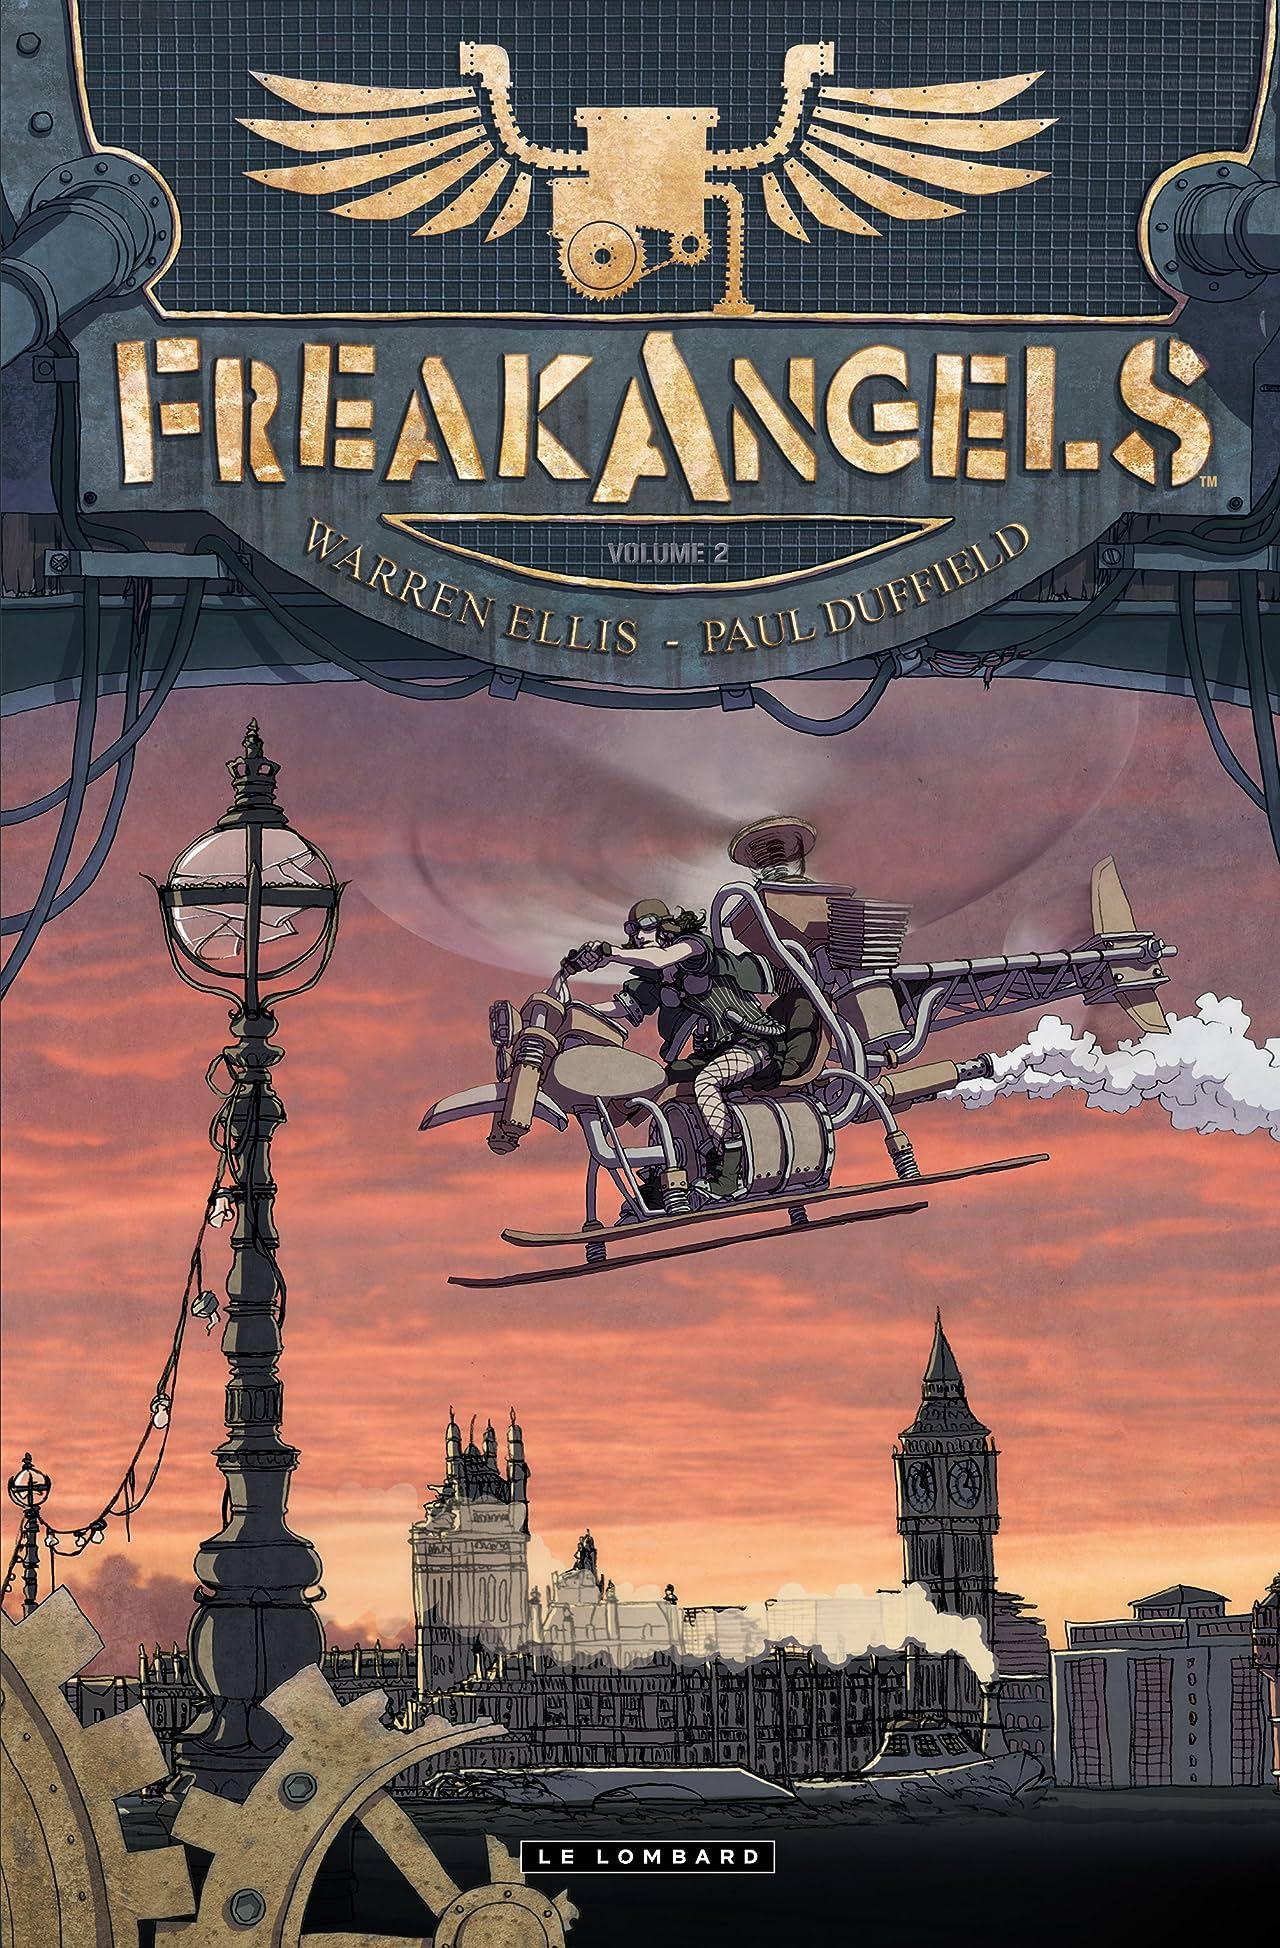 Freakangels Vol. 2